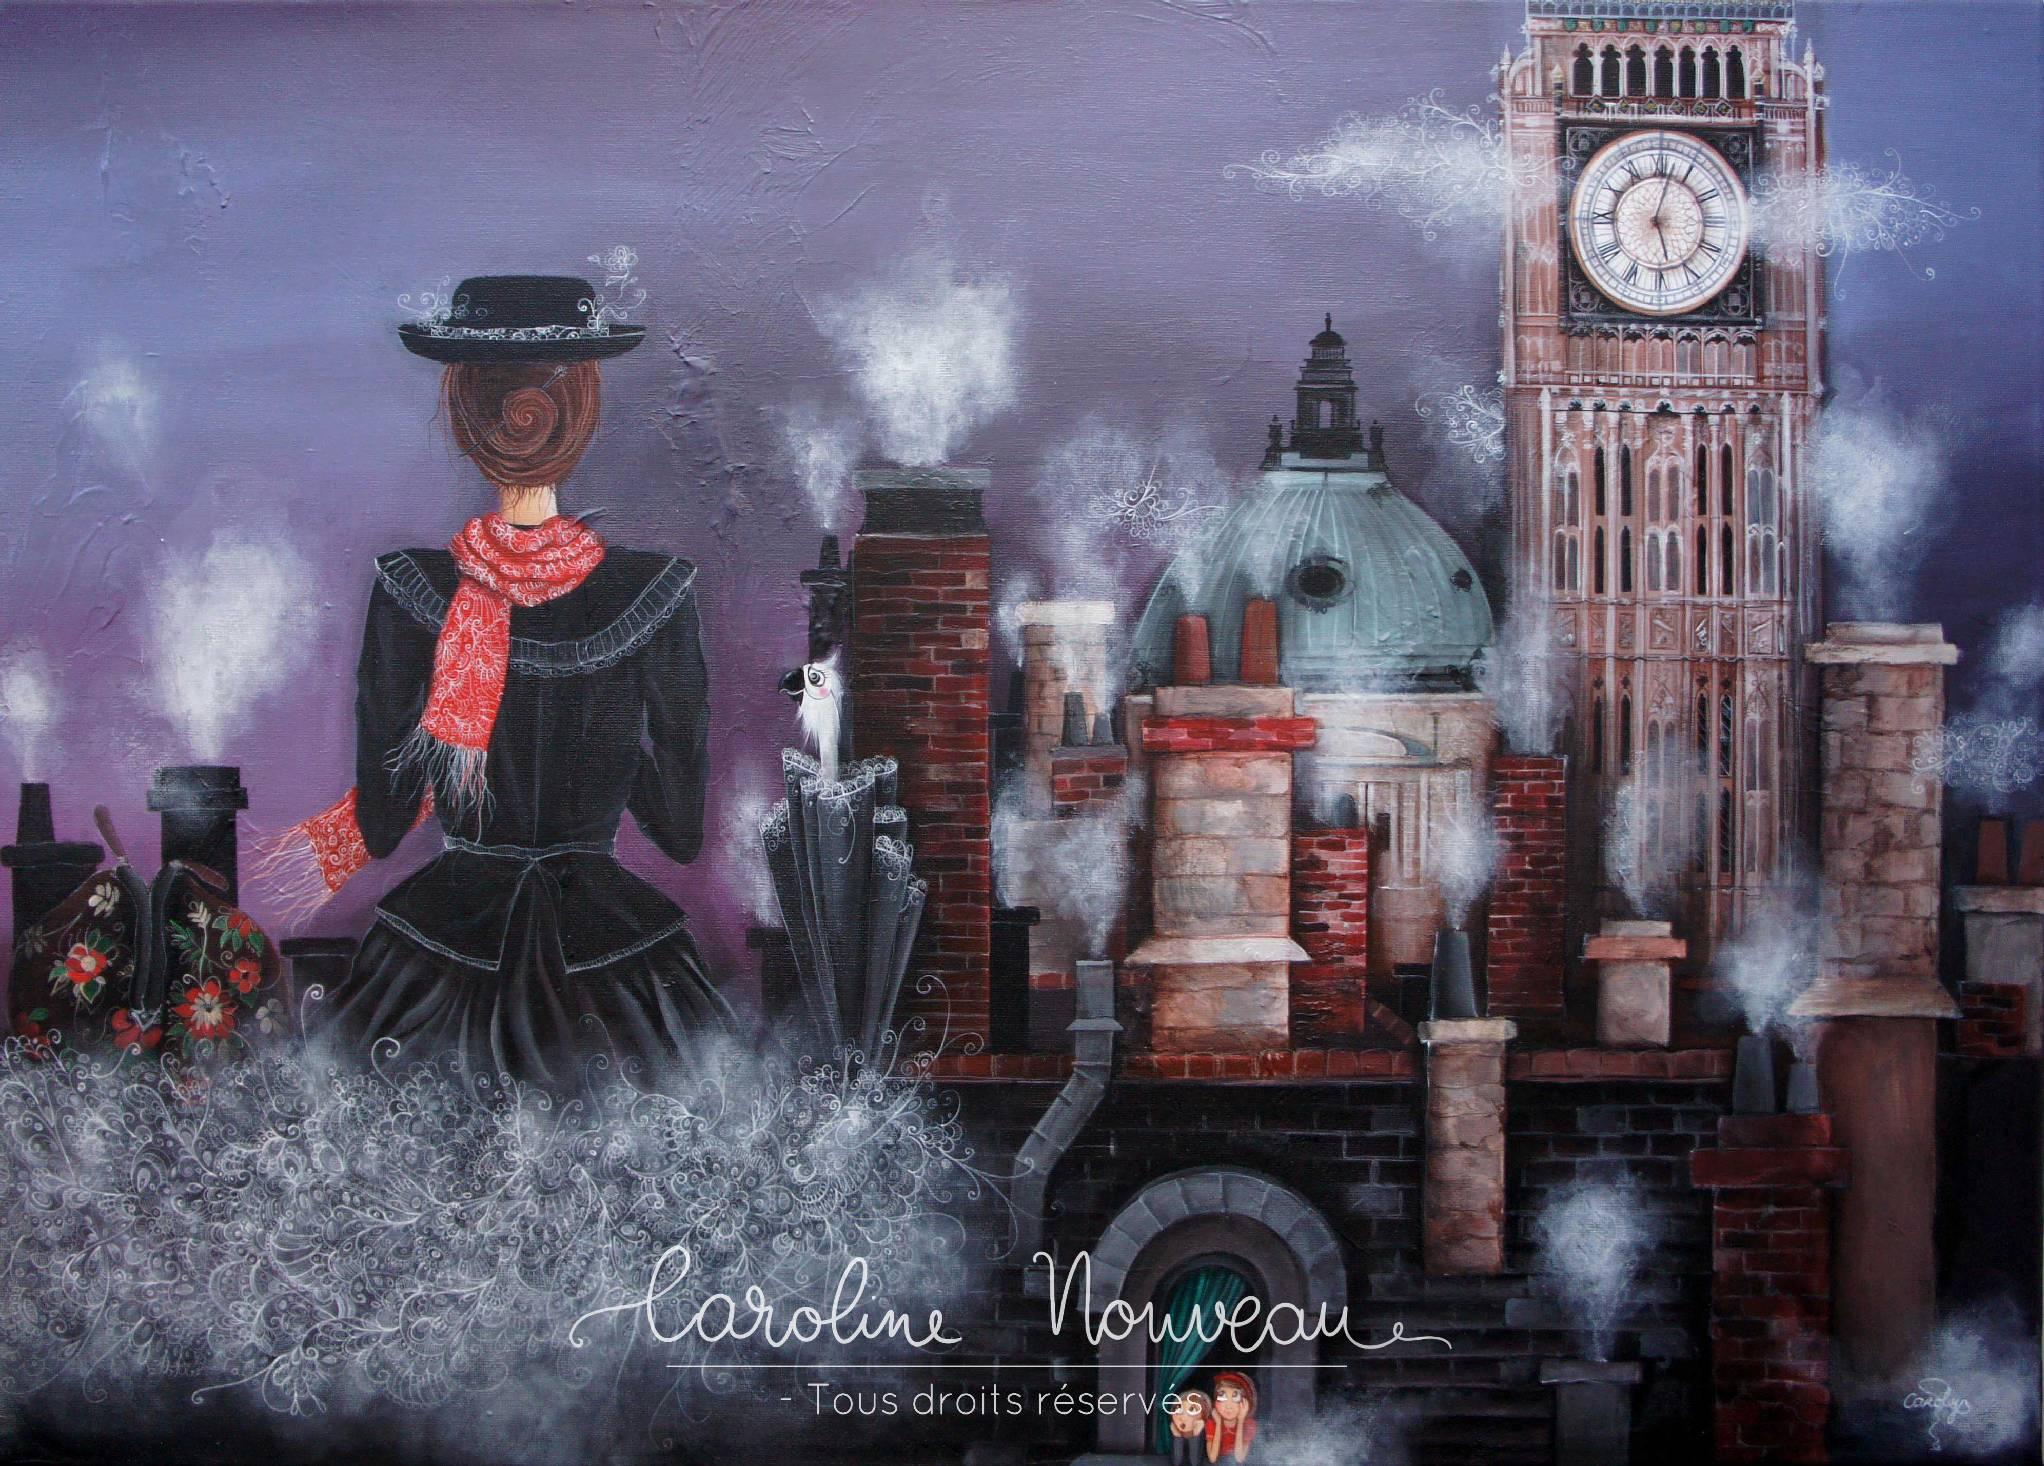 """""""Sur les toits de Londres"""" Acrylique sur toile - 72*50cm - 2012 - Non disponible"""